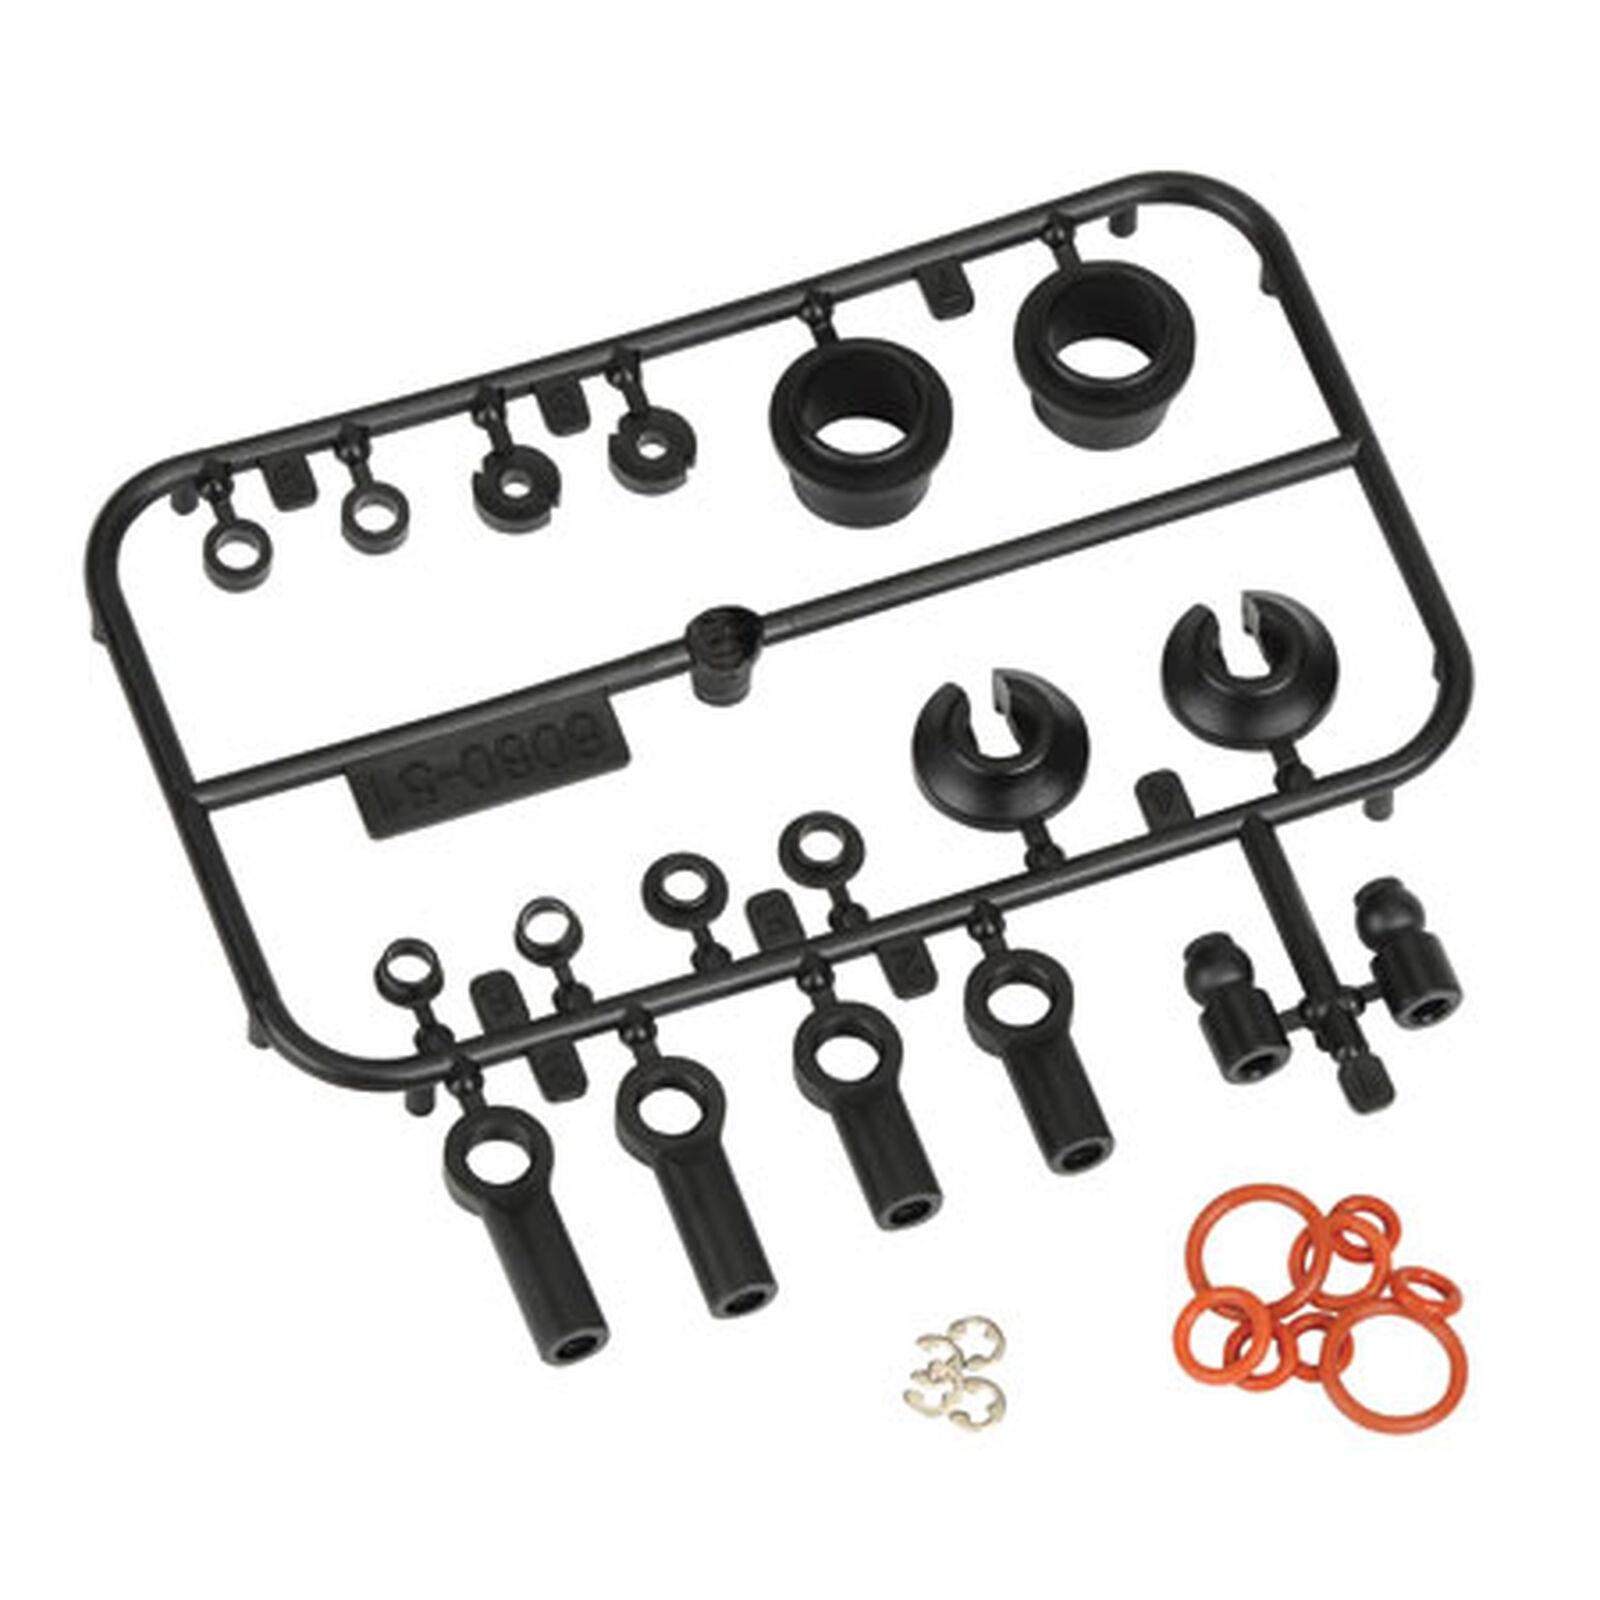 1/10 PowerStroke & Pro-Spec Scaler Shocks Plastic and Rebuld Kit